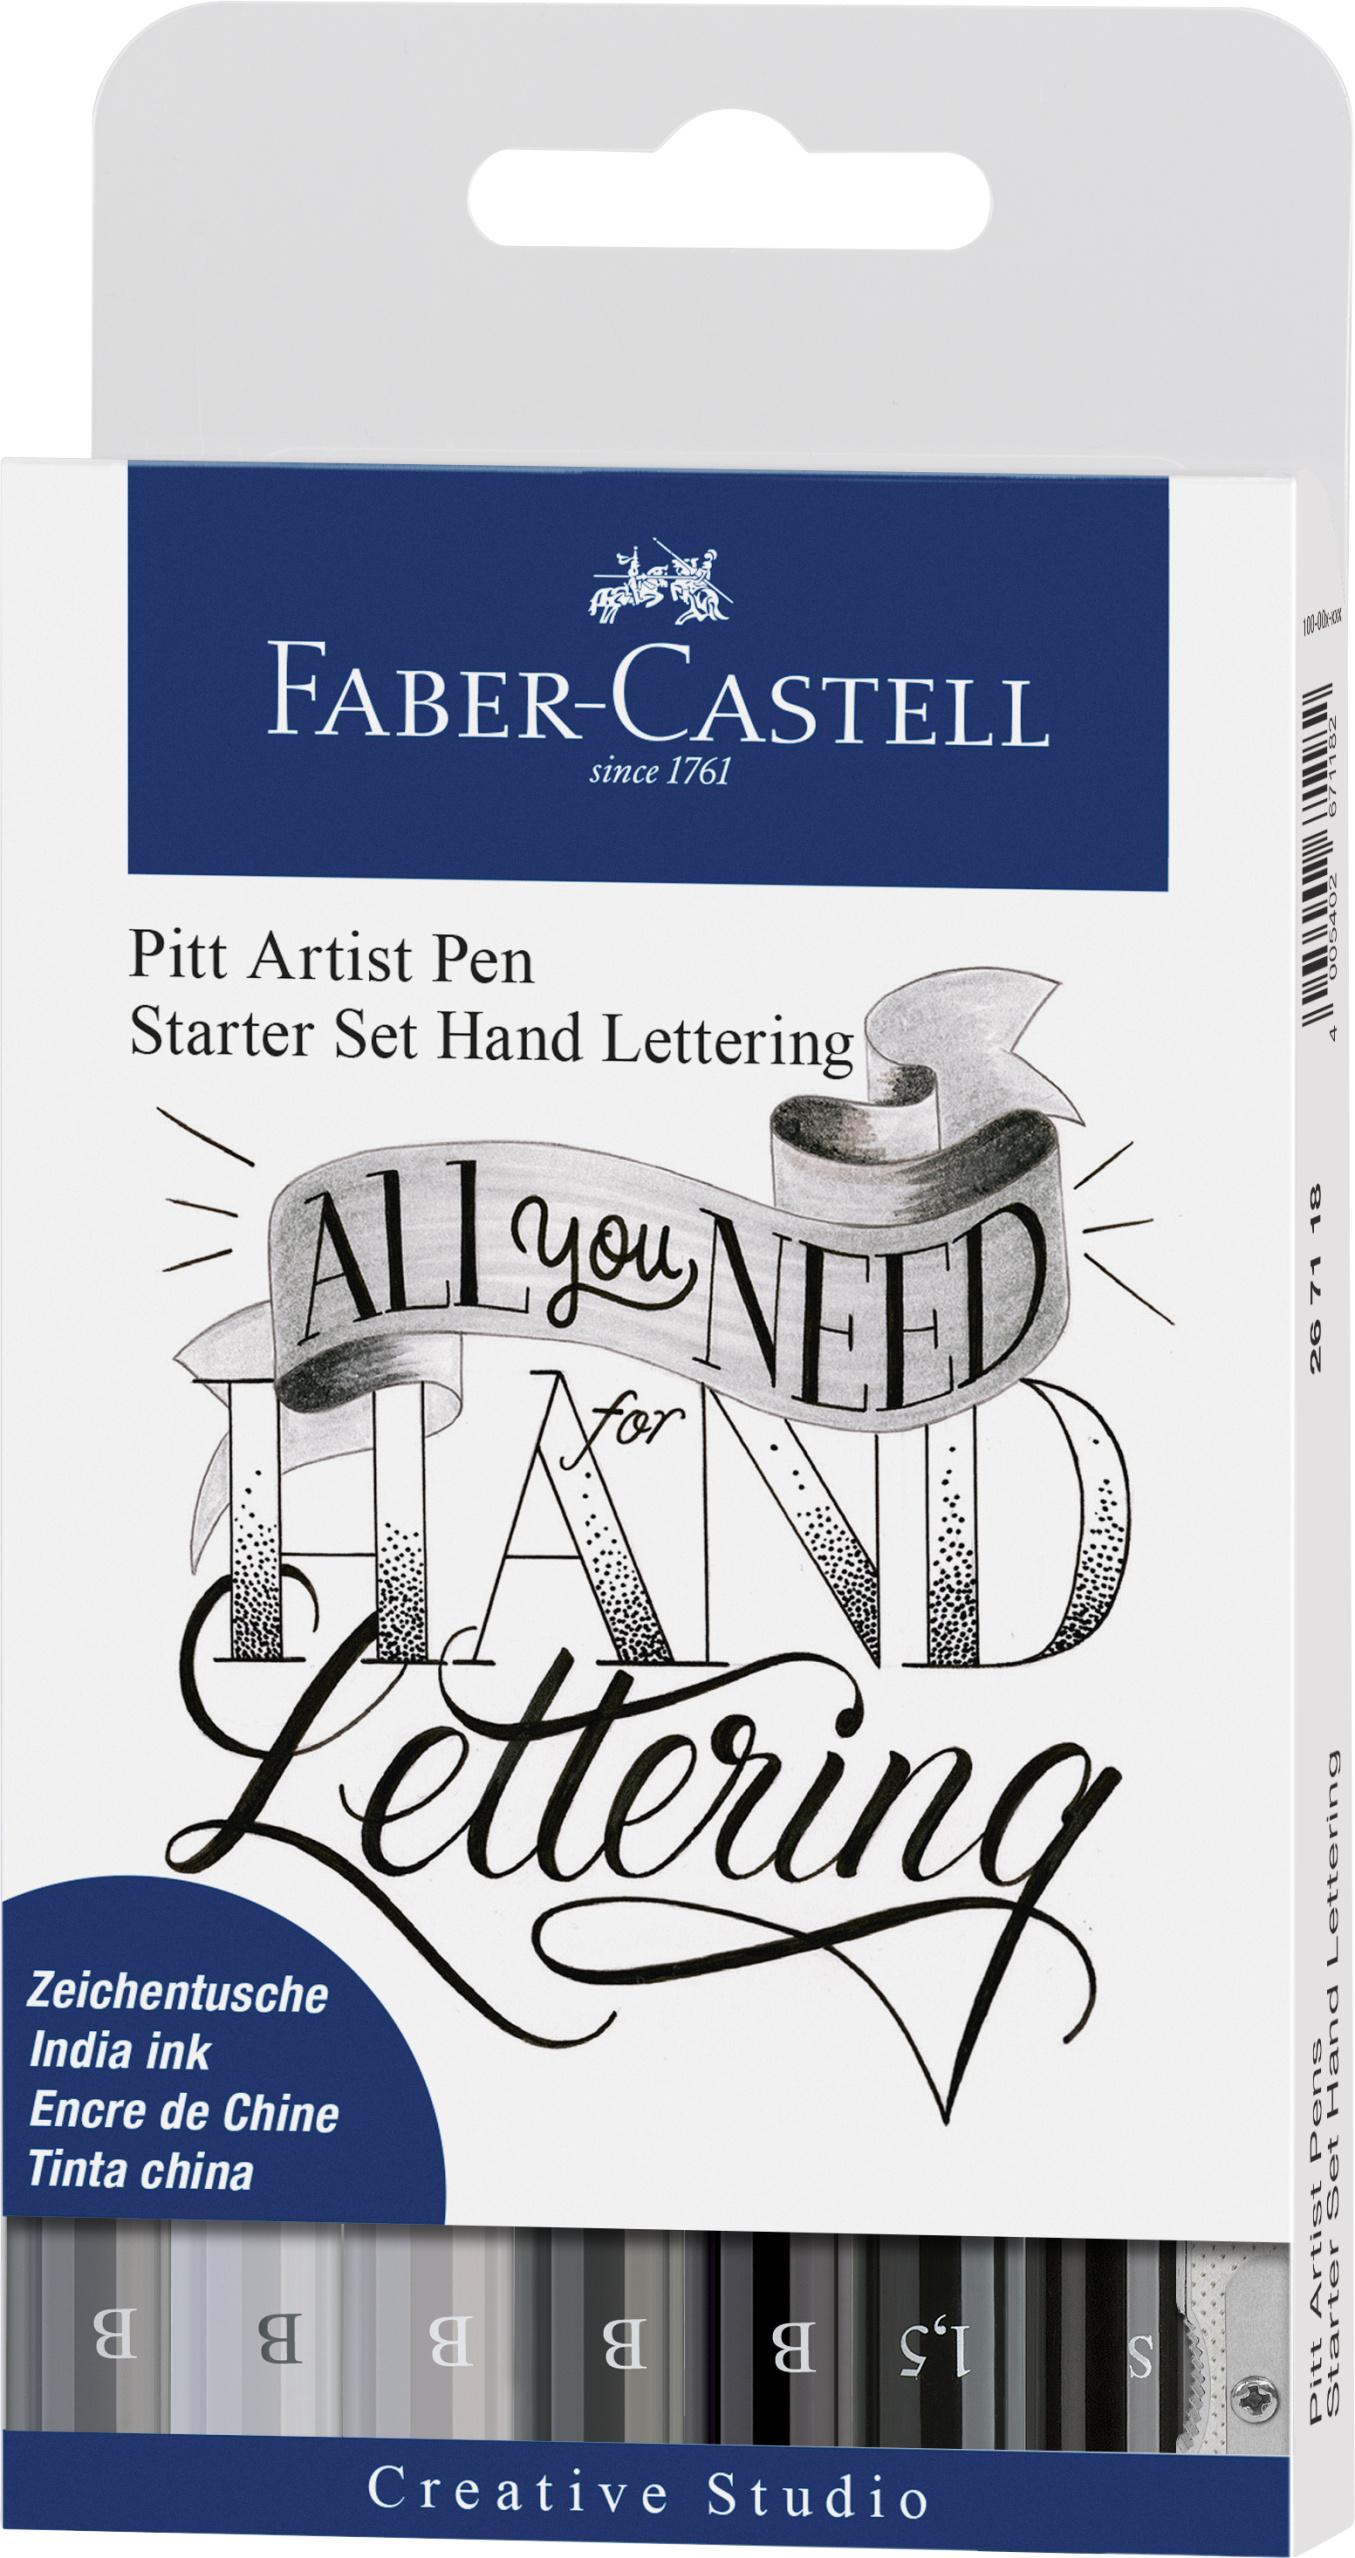 Farber-Castell Pitt Artist Pen Starterset Handlettering # lettering